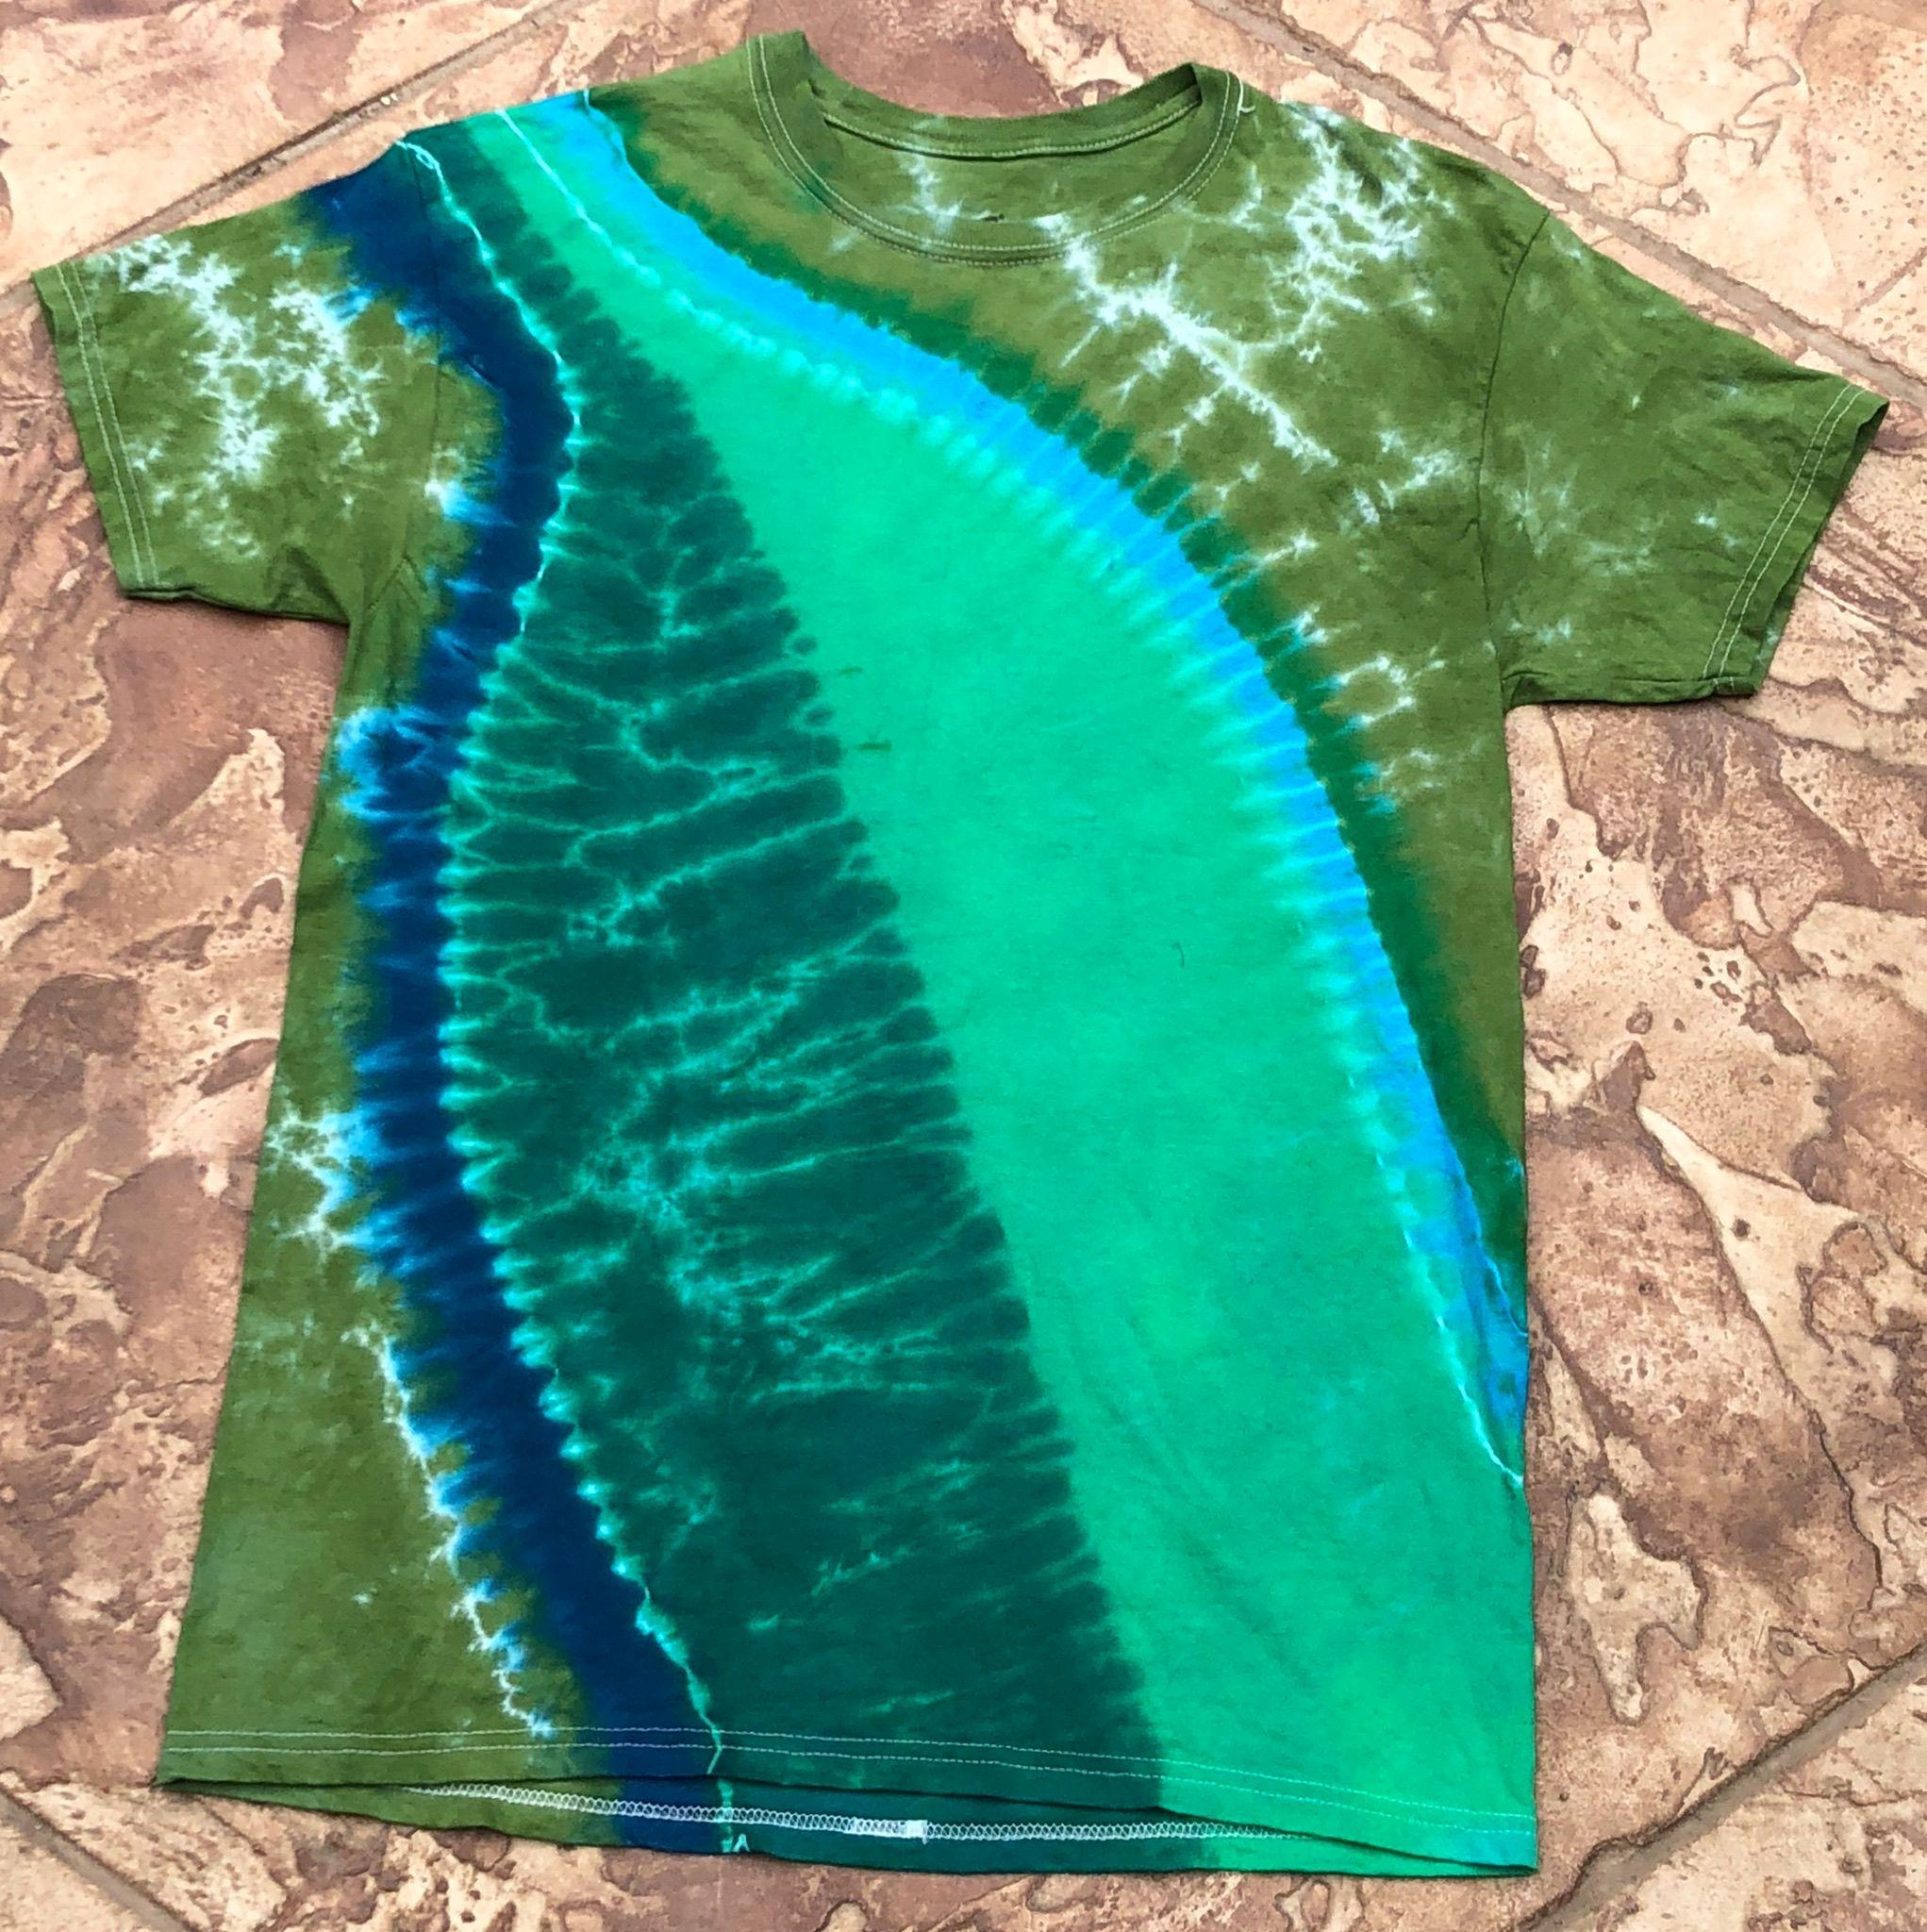 Reverse Green Leaf Tye Dye T Shirt Sizes S M L Xl 2x 3x 4x